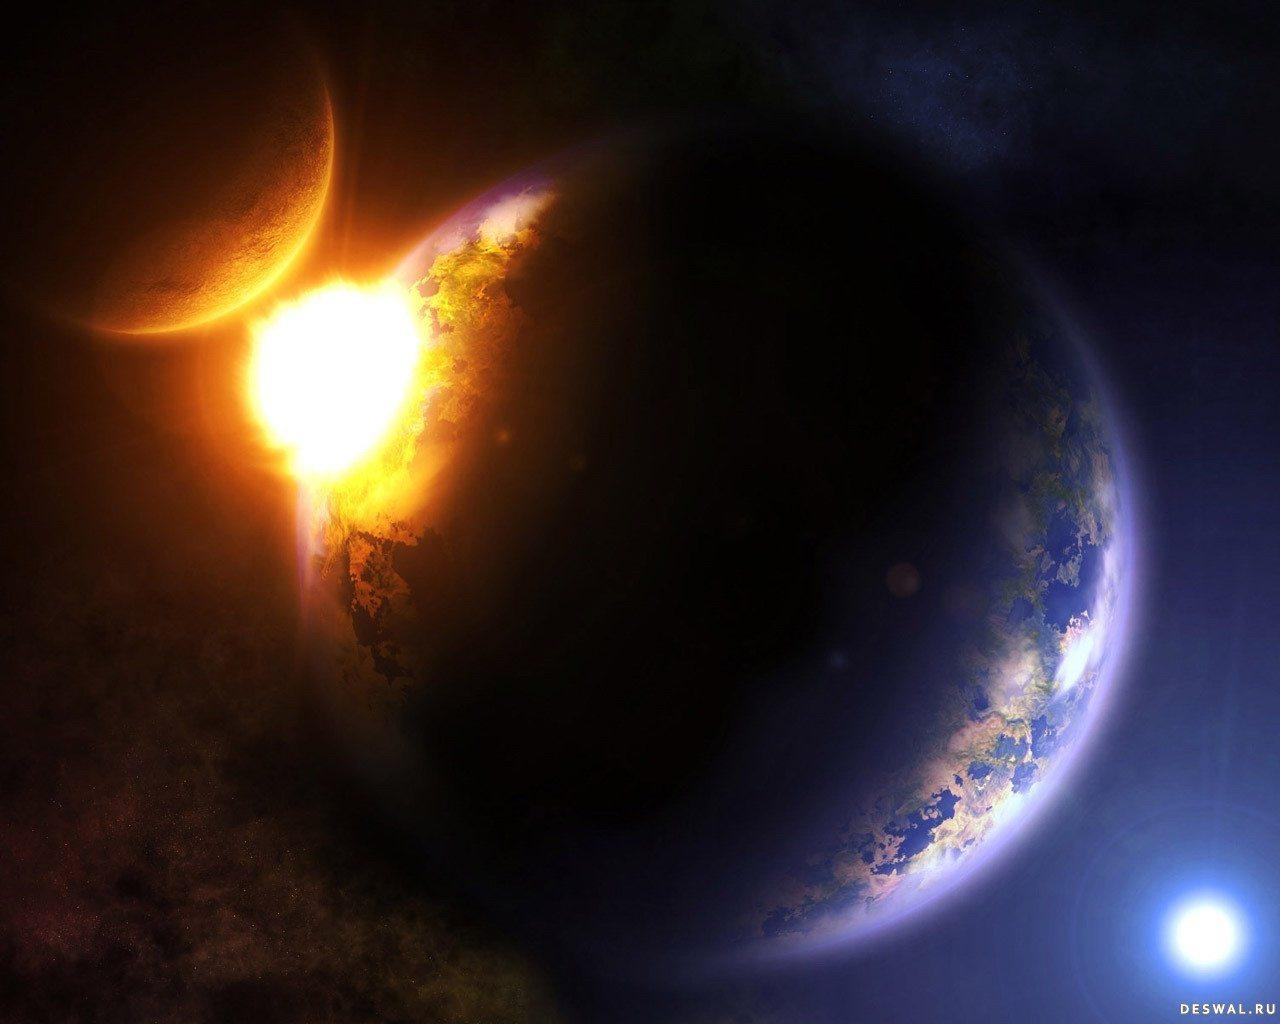 Фото 26.. Нажмите на картинку с обоями космоса, чтобы просмотреть ее в реальном размере